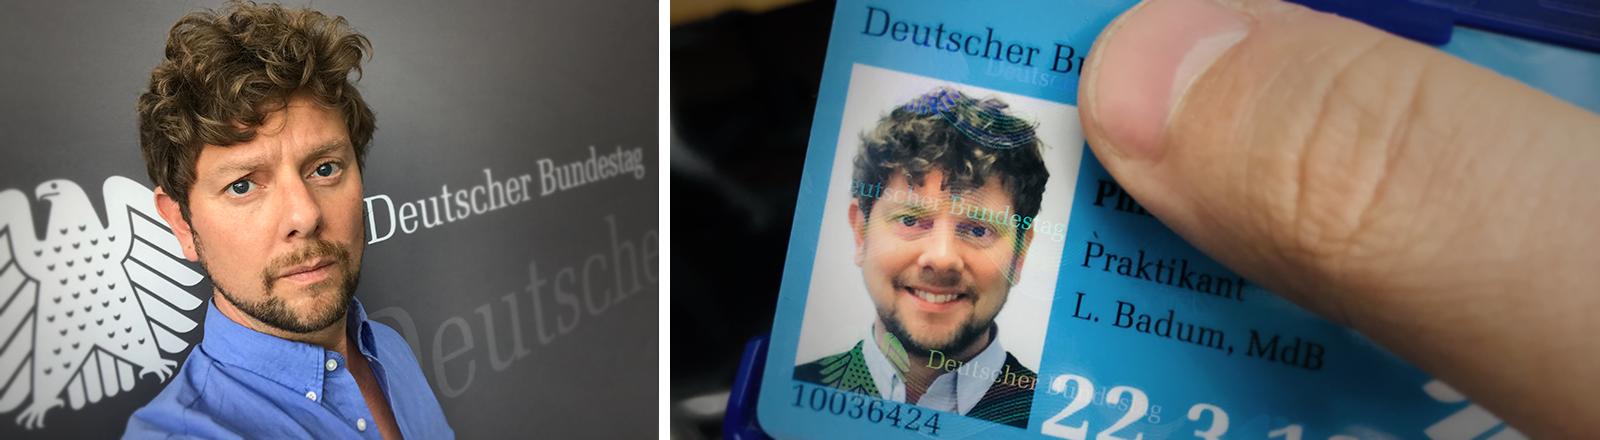 Selfie von Philipp Möller im Bundestag und Nahaufnahme seines Bundestagsausweises